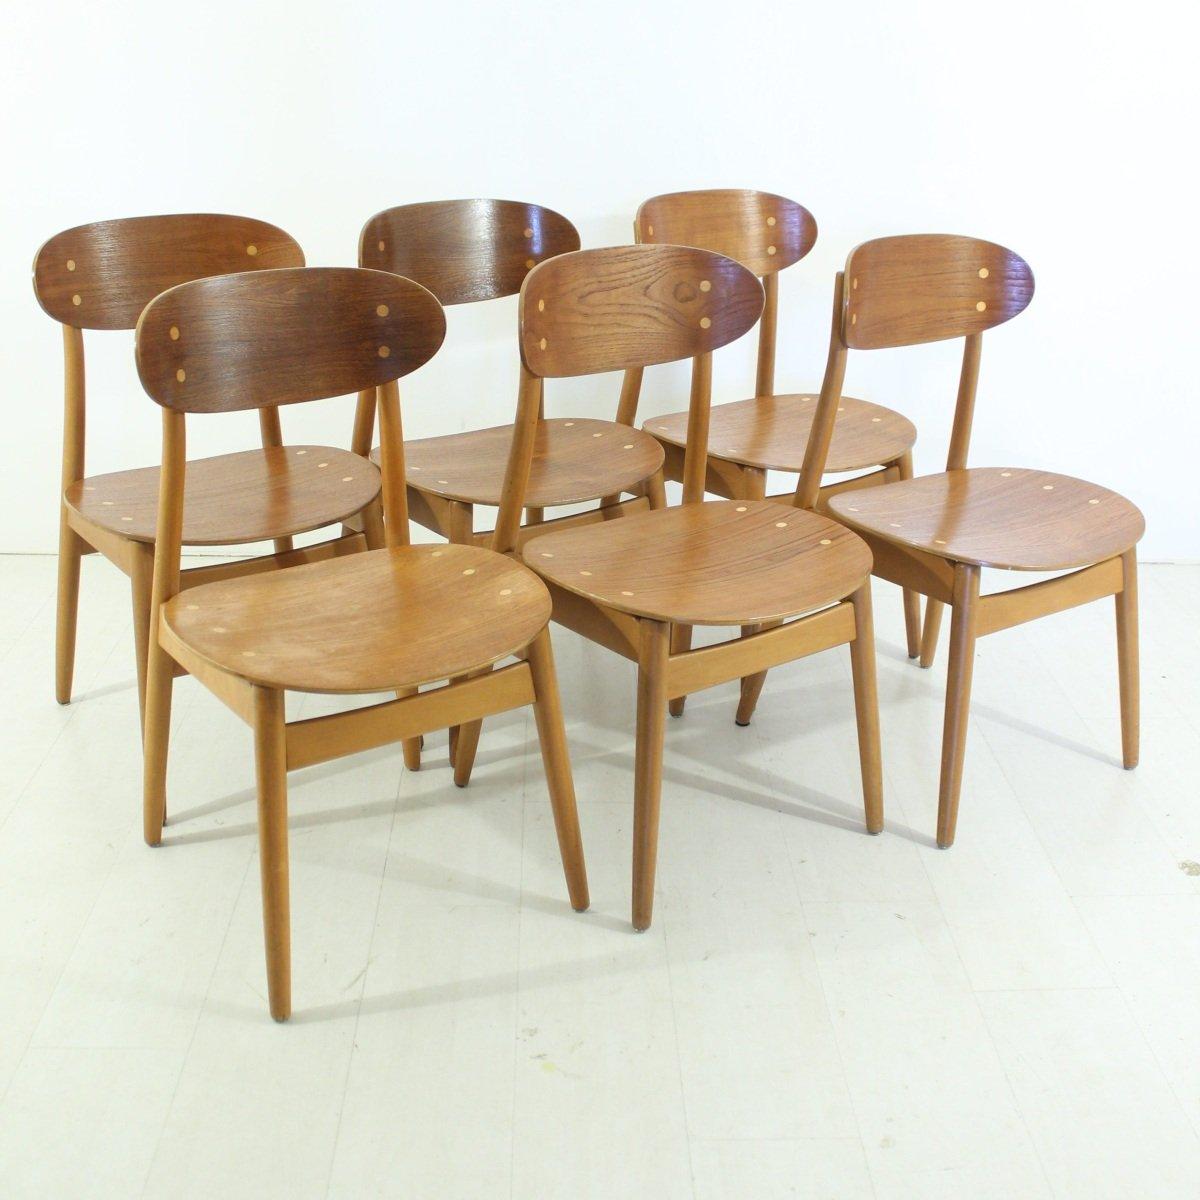 schwedische esszimmerst hle von alf svensson f r hagen. Black Bedroom Furniture Sets. Home Design Ideas